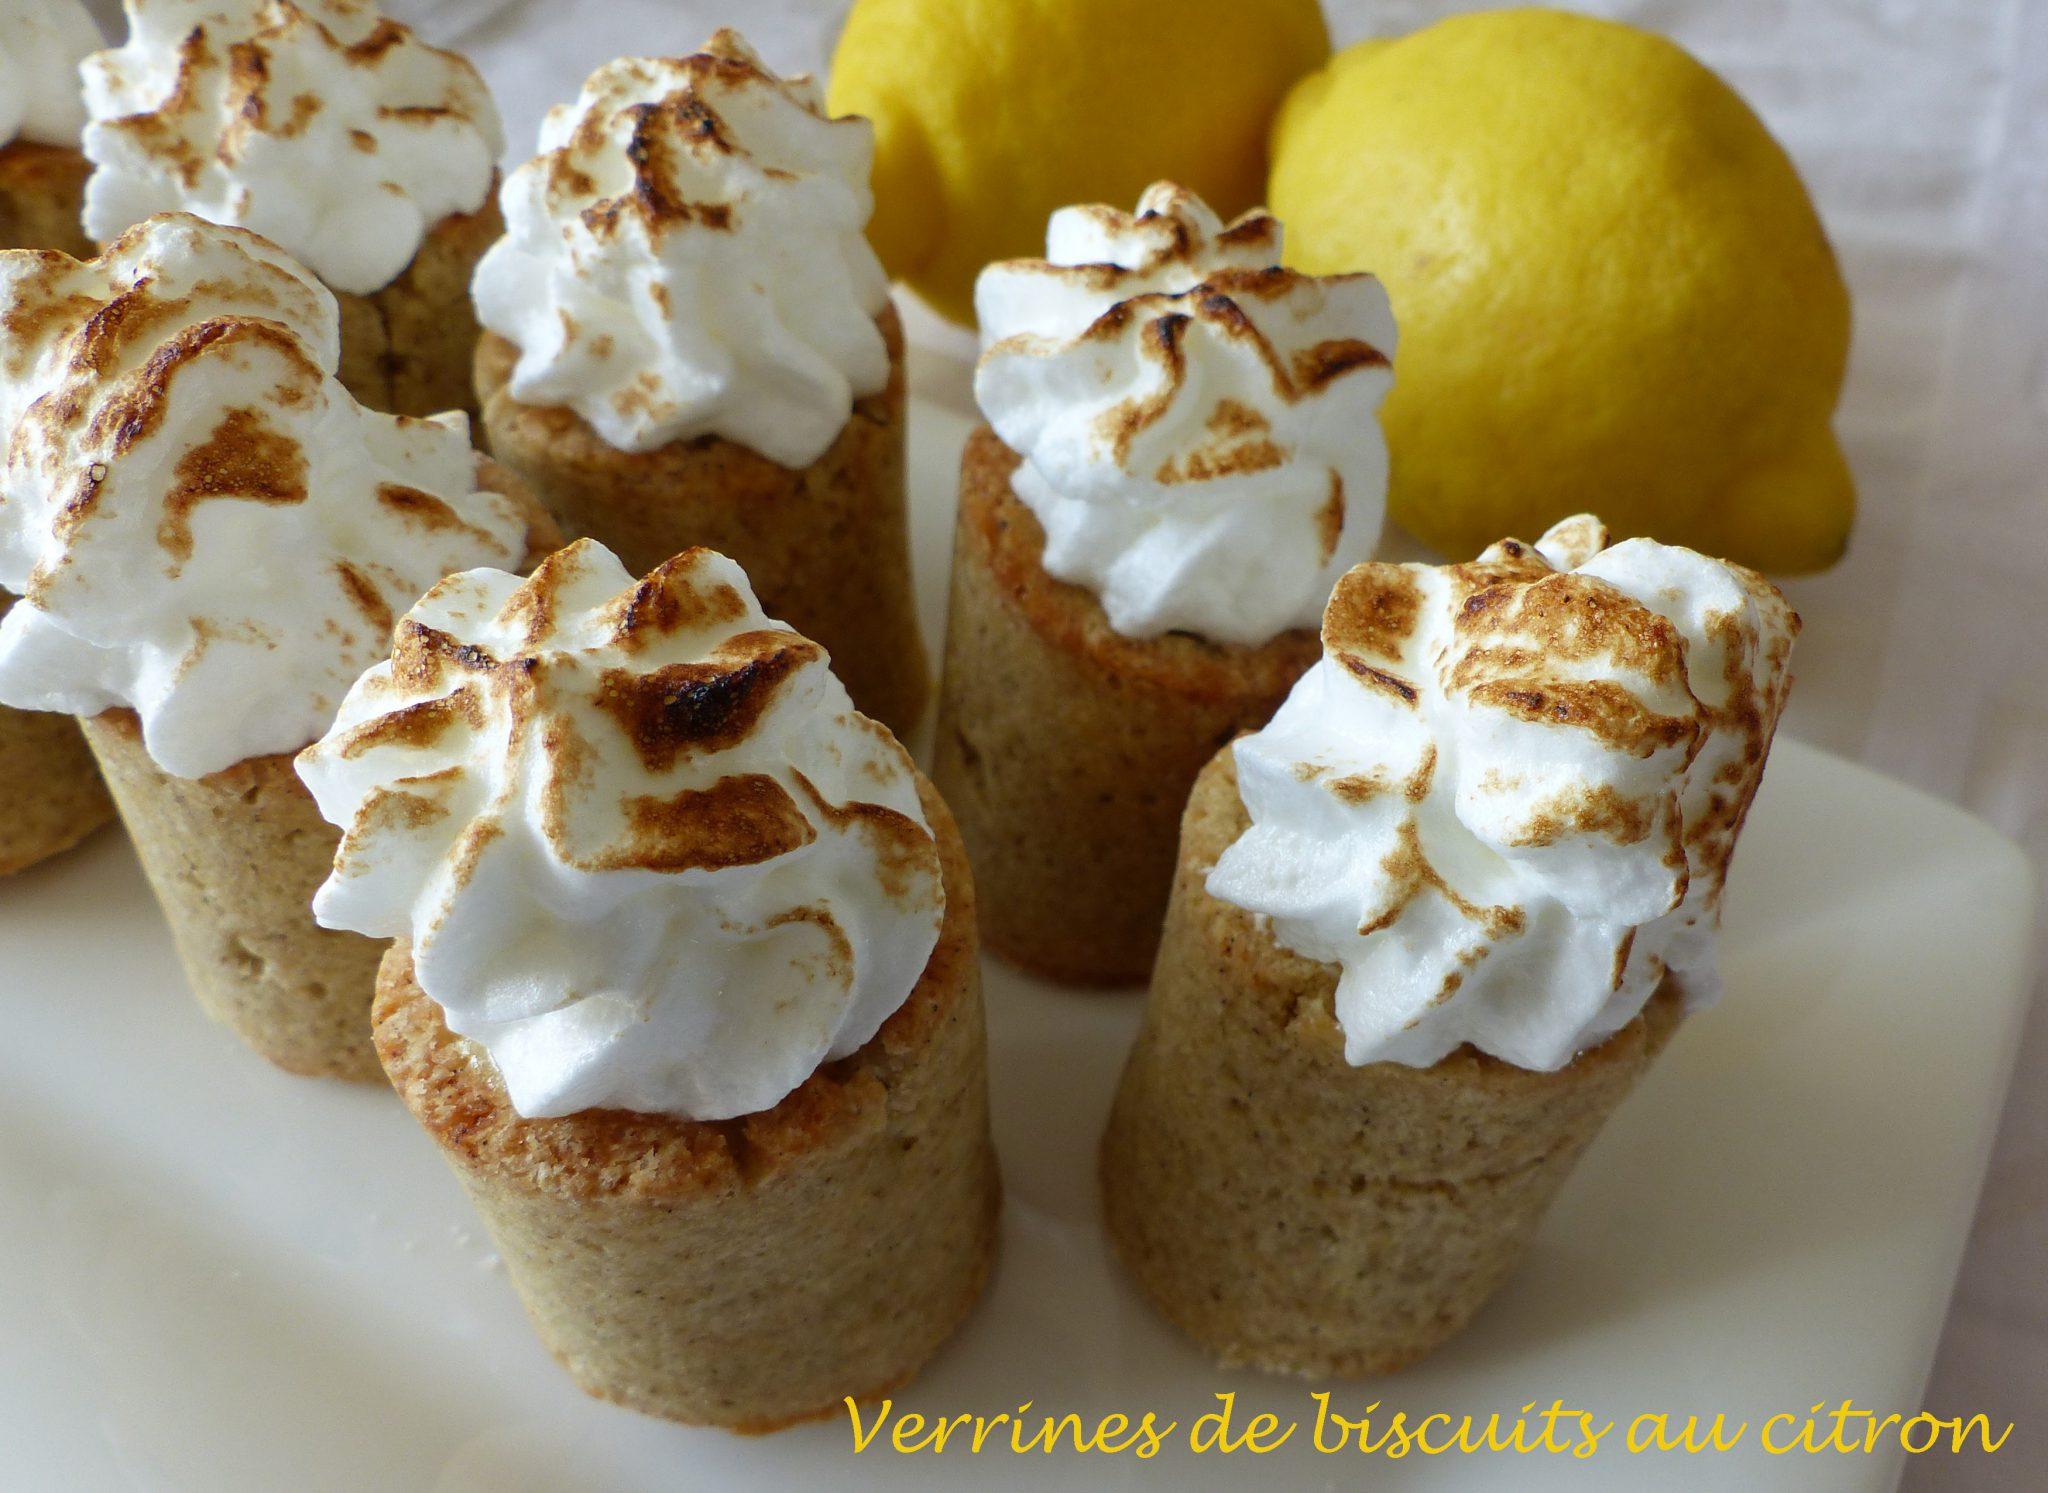 Verrines de biscuits au citron P1090812 R